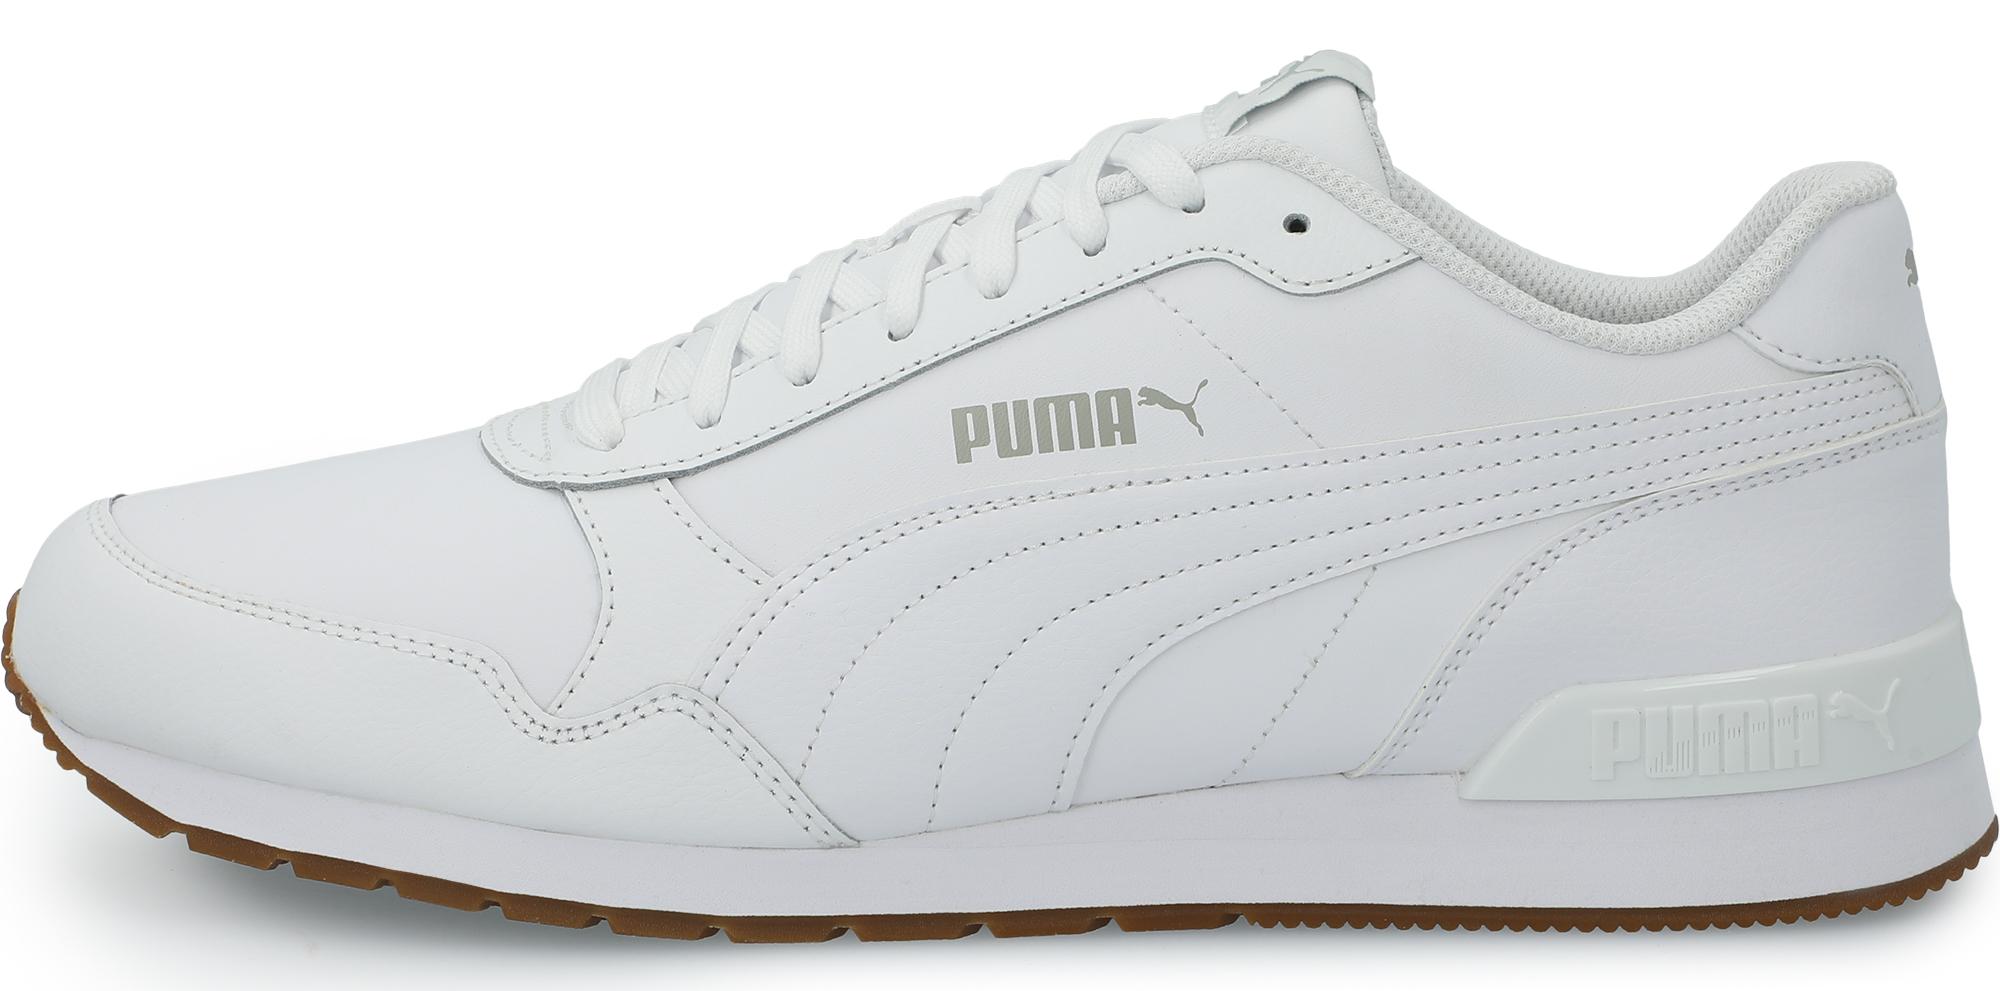 Фото - Puma Кроссовки мужские Puma ST Runner V2 Full, размер 43 puma кроссовки мужские puma bmw mms roma размер 43 5